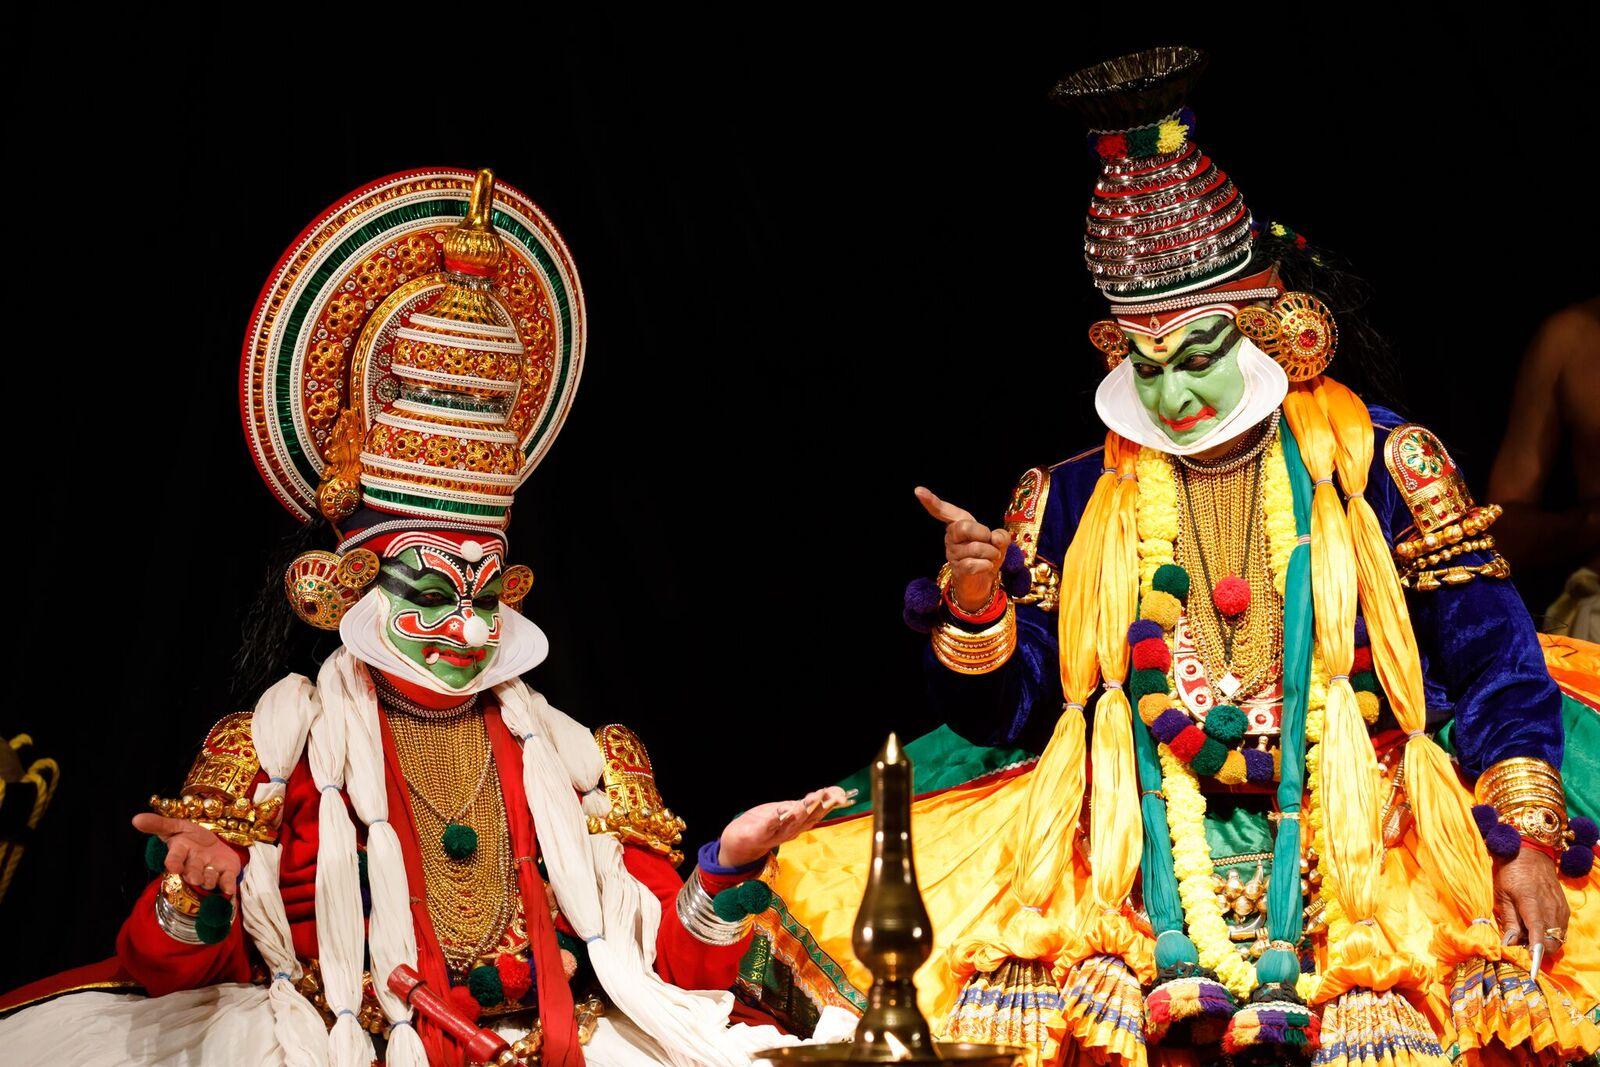 Welcome to high commission of india in singapore kathakali utsav padmashri kalamandalam gopi 03 04 february 2018 aiddatafo Choice Image